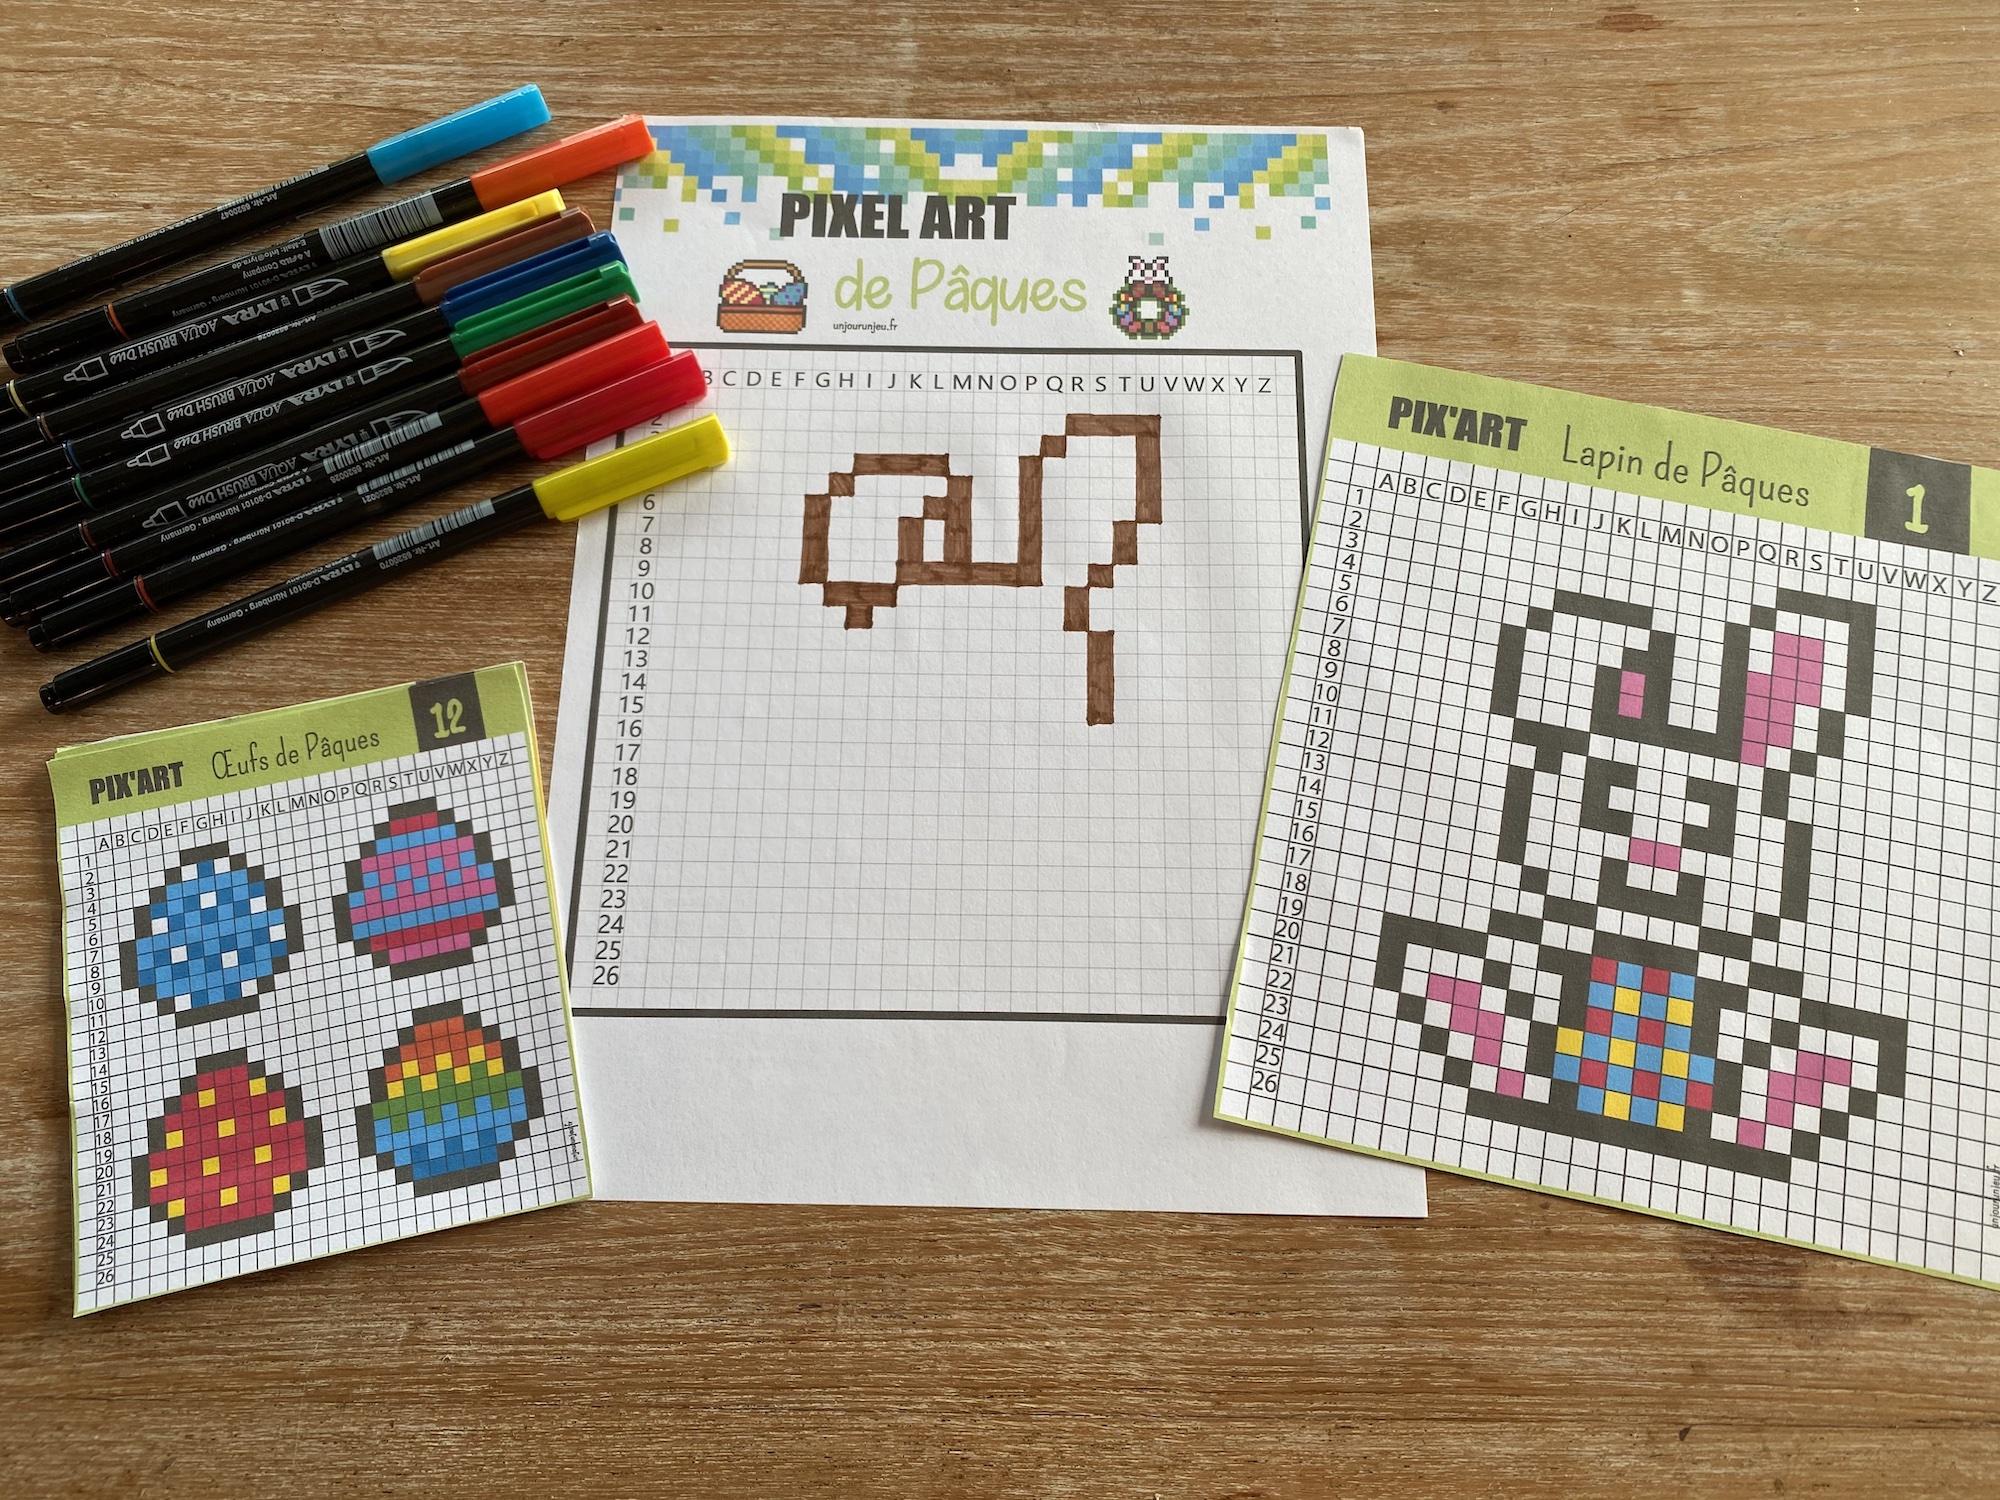 Pixel art de Pâques - 2